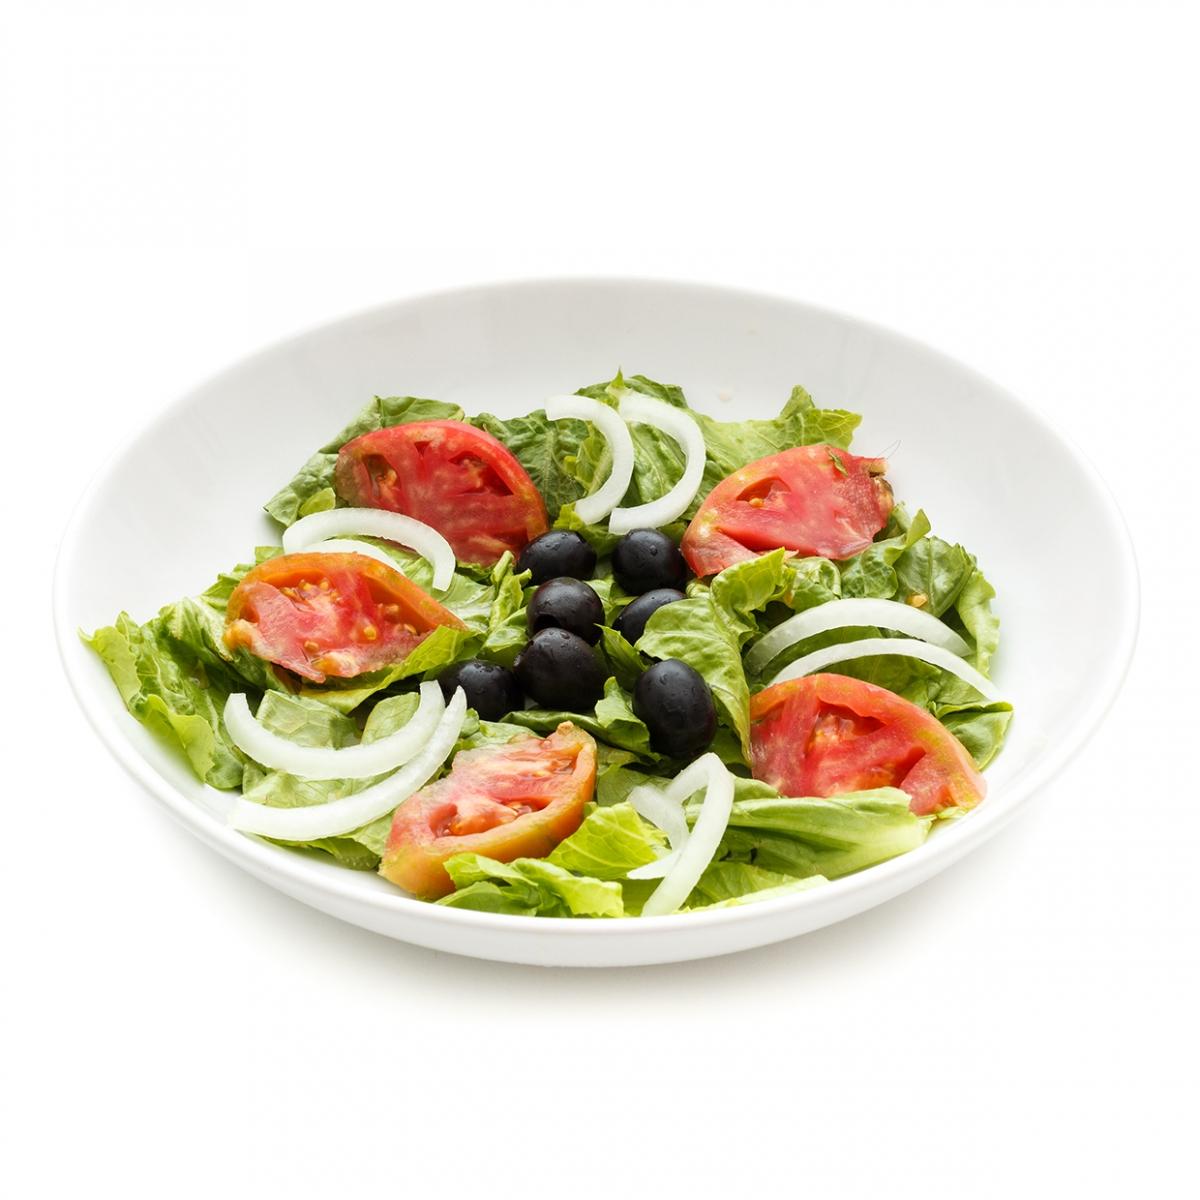 Imagen en la que se ve un plato de ensalada compuesta por lechuga, tomate, cebolla y olivas